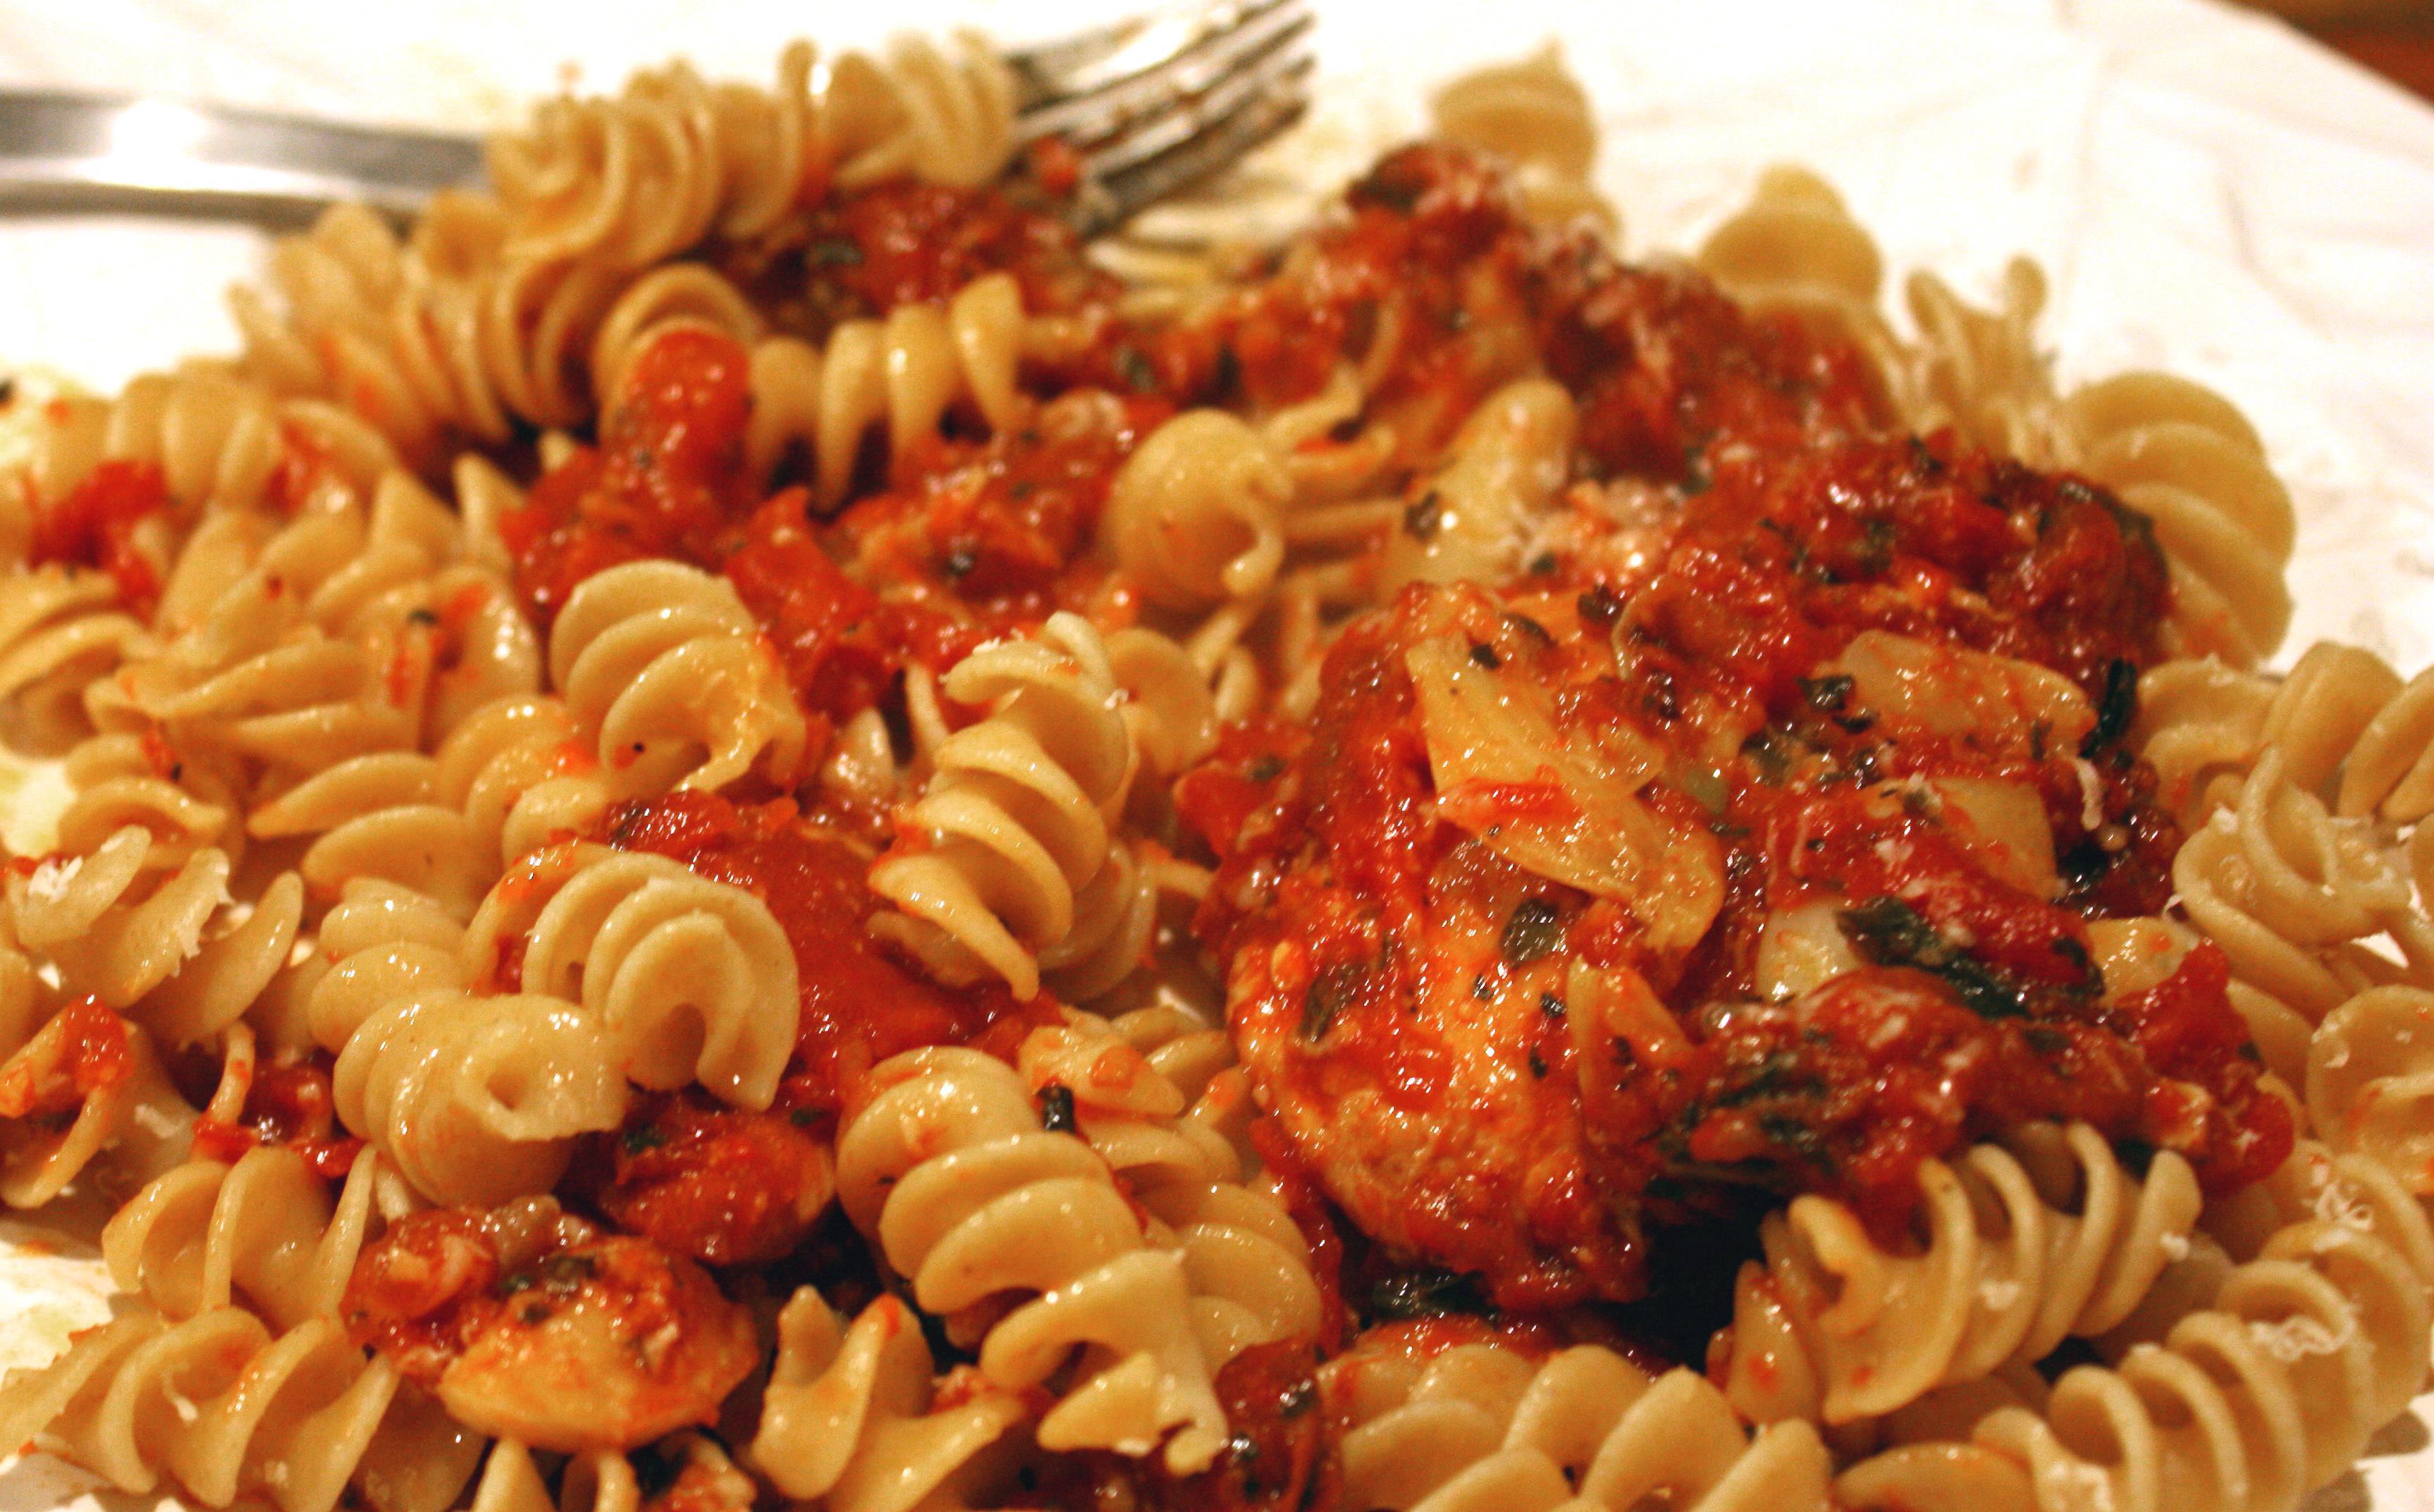 Макароны по флотски с тушенкой и томатной пастой рецепт пошагово